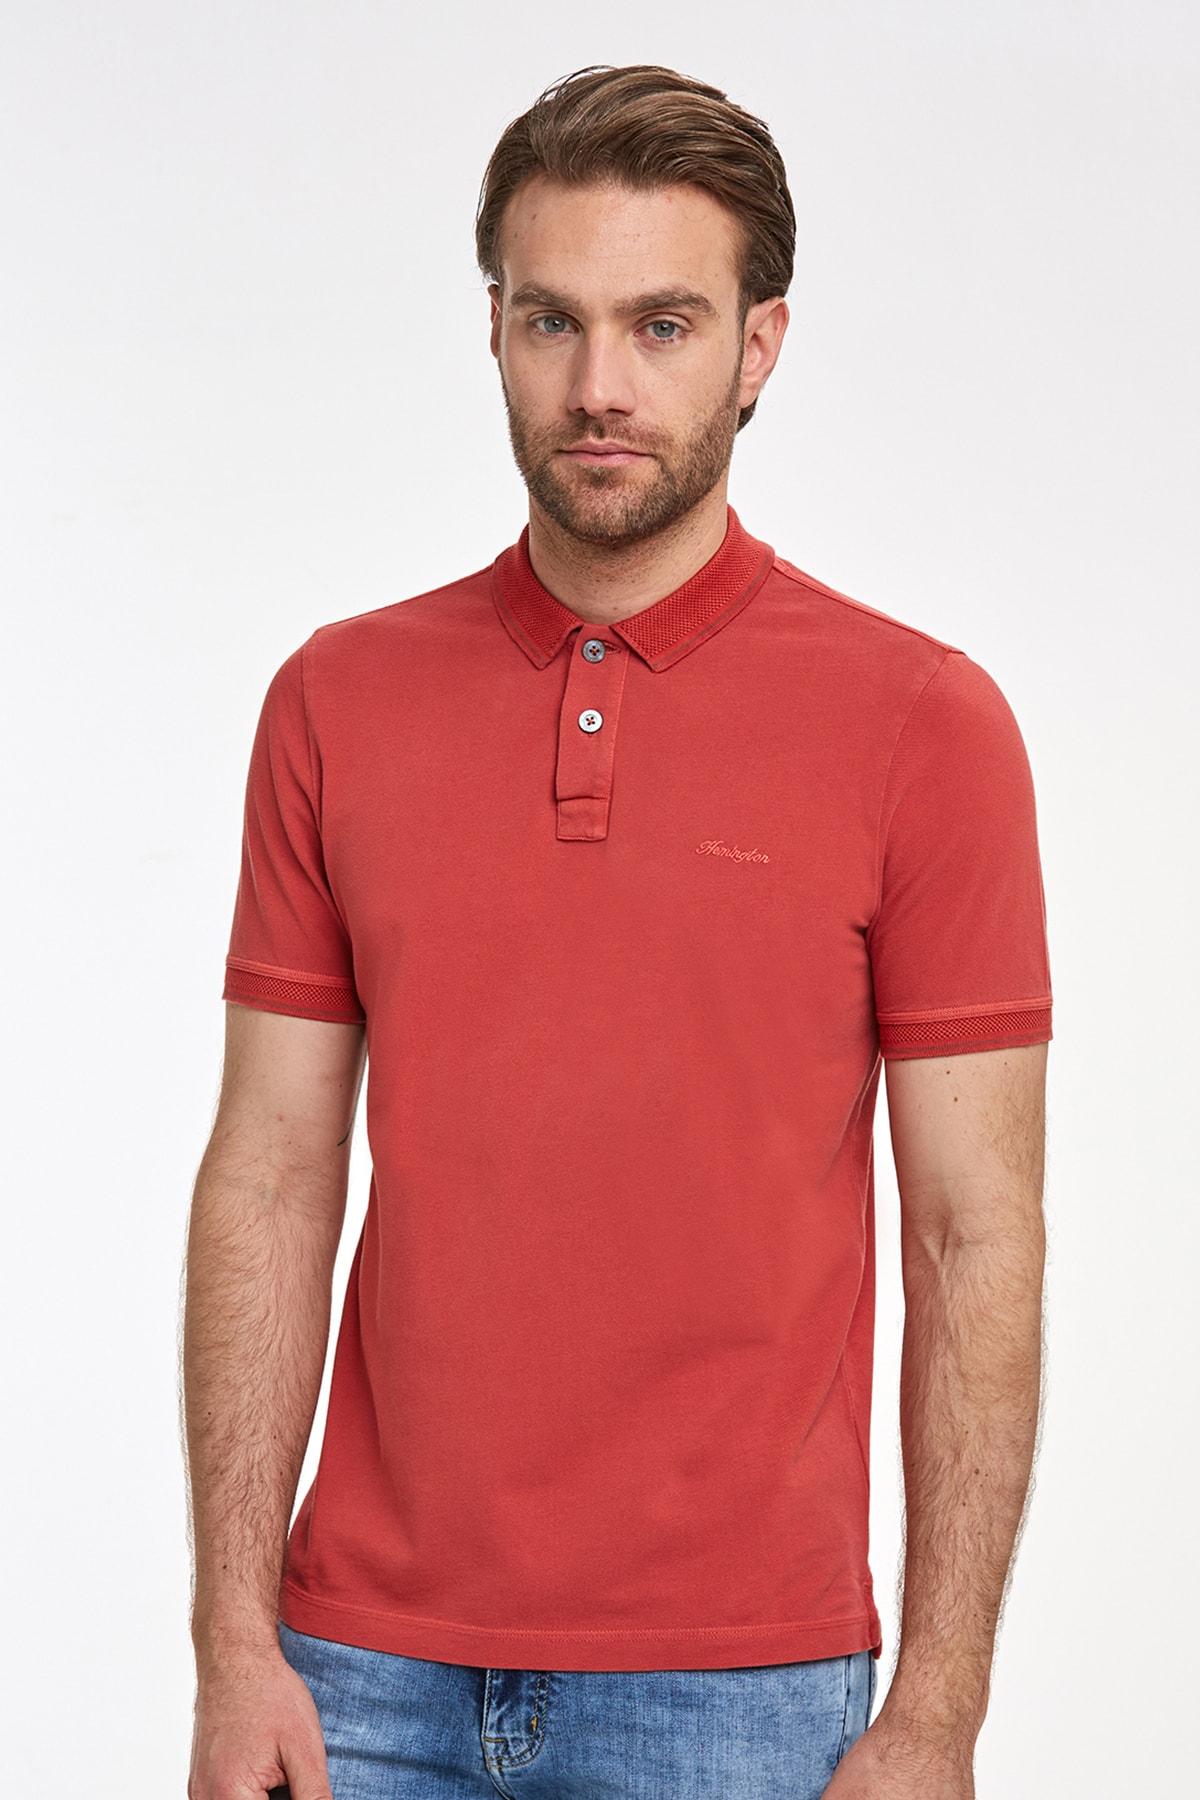 Hemington Erkek Vintage Görünümlü Kırmızı Polo Yaka T-shirt 1